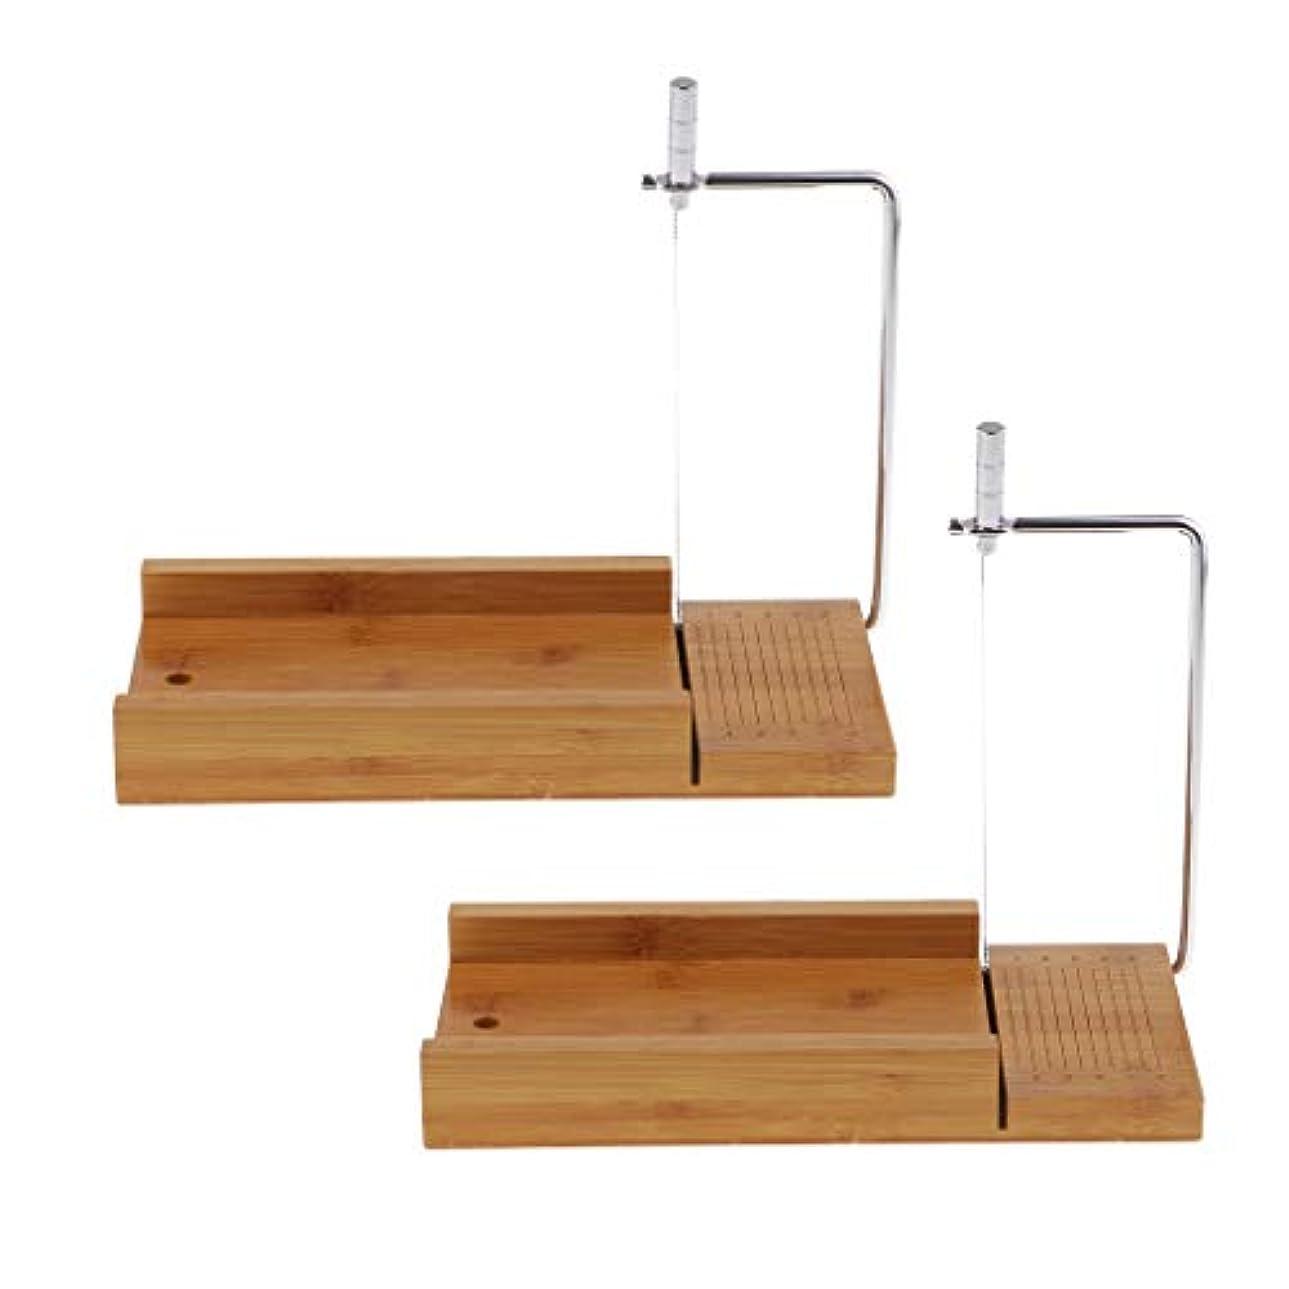 肘掛け椅子売り手ペッカディロせっけん切削工具 ソープカッター 台 木質 ソープスライサー ソープカッター ワイヤー 多機能 2個入り